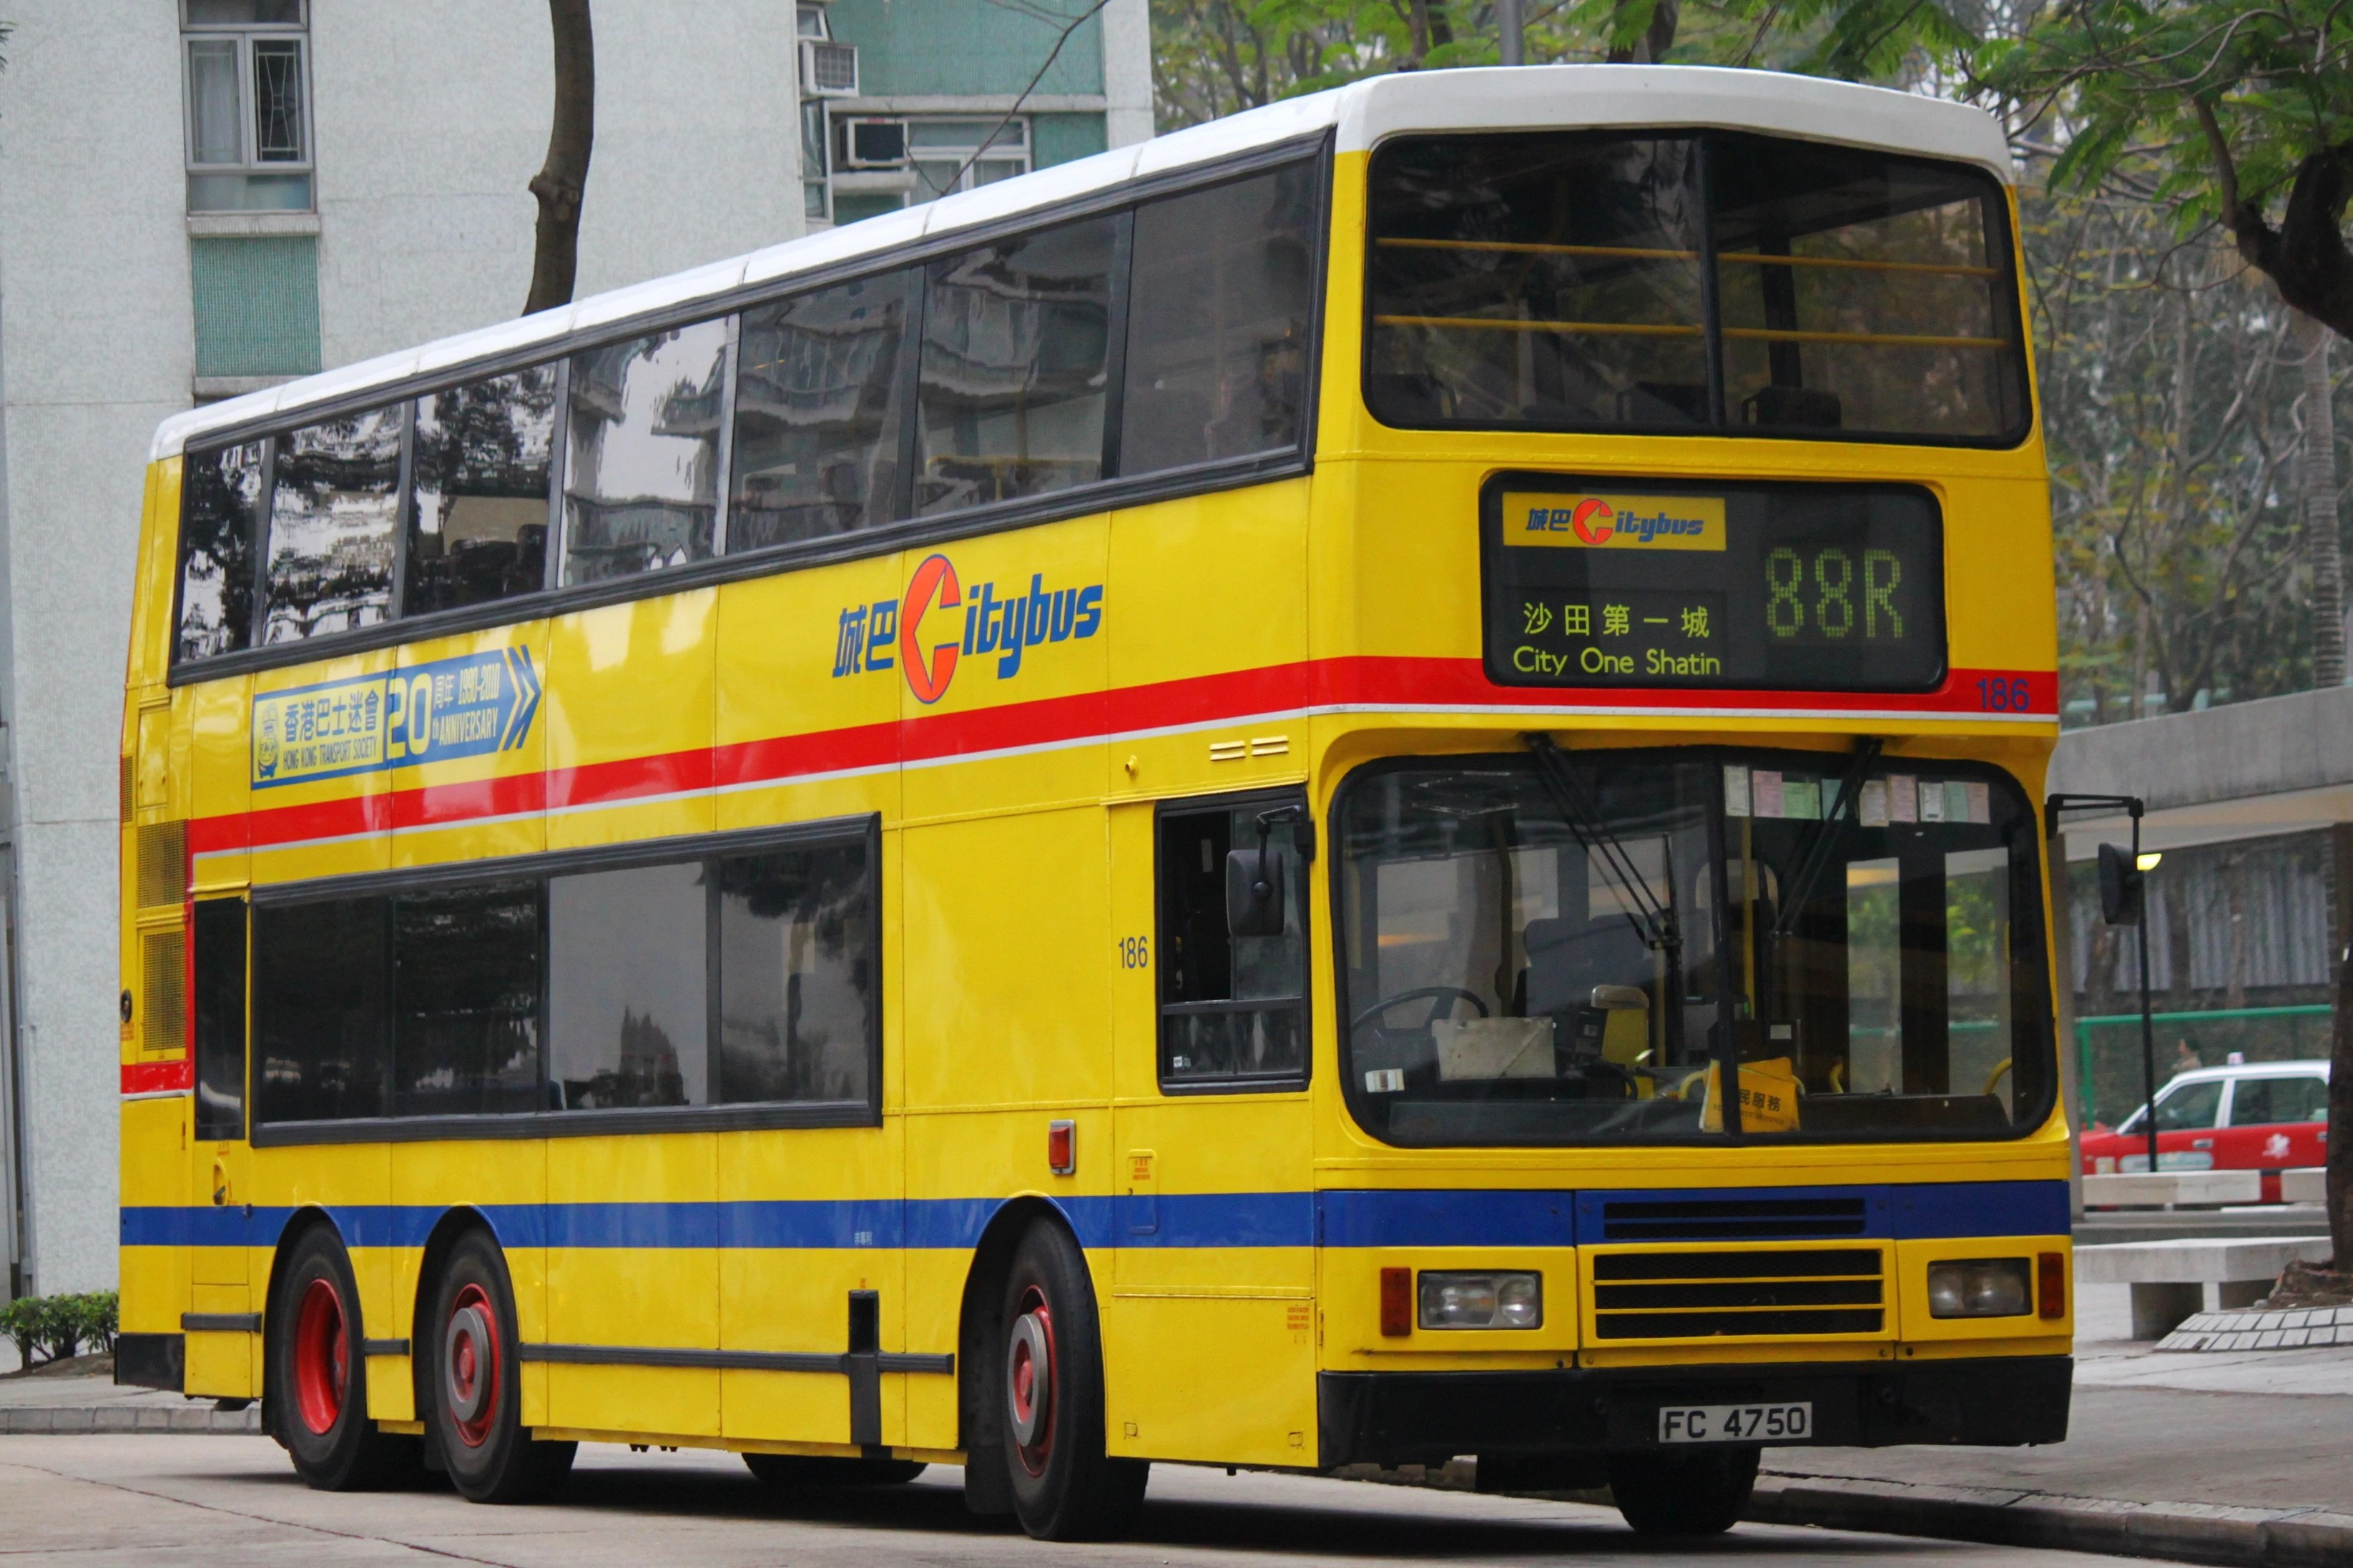 城巴88R線 - 香港巴士大典